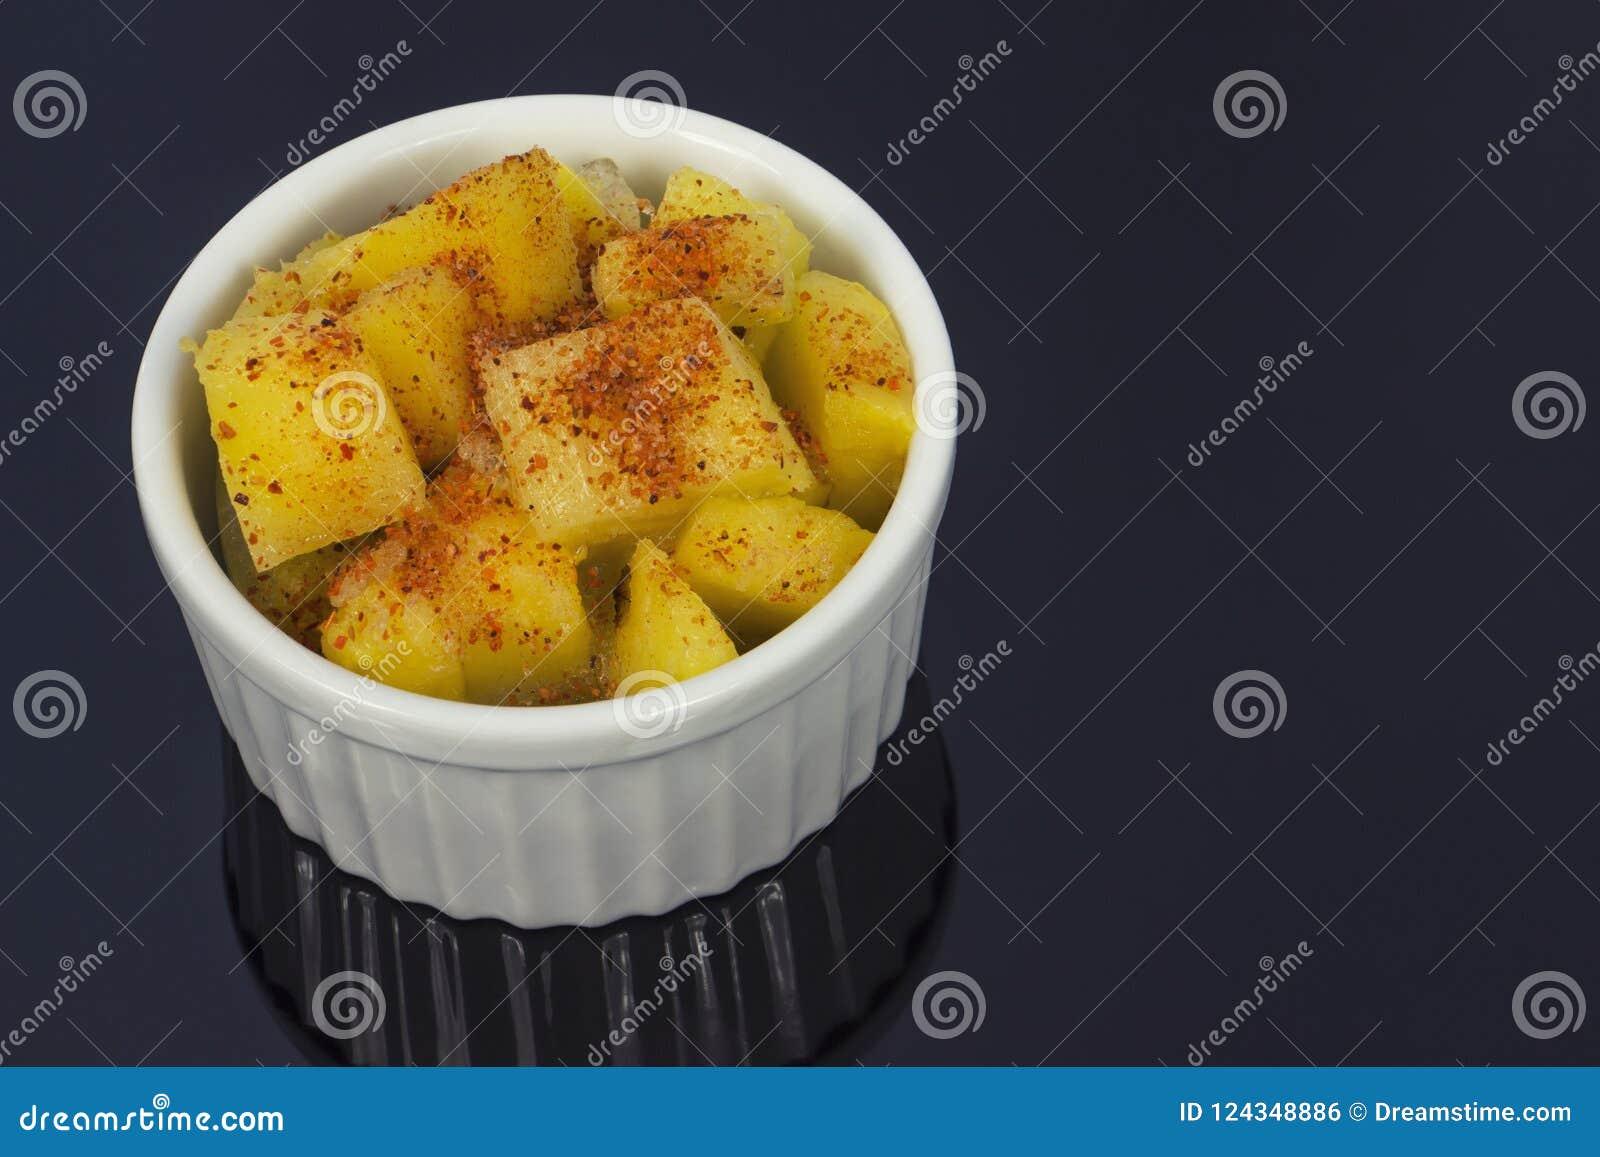 Abacaxi em uma bacia com malagueta picante